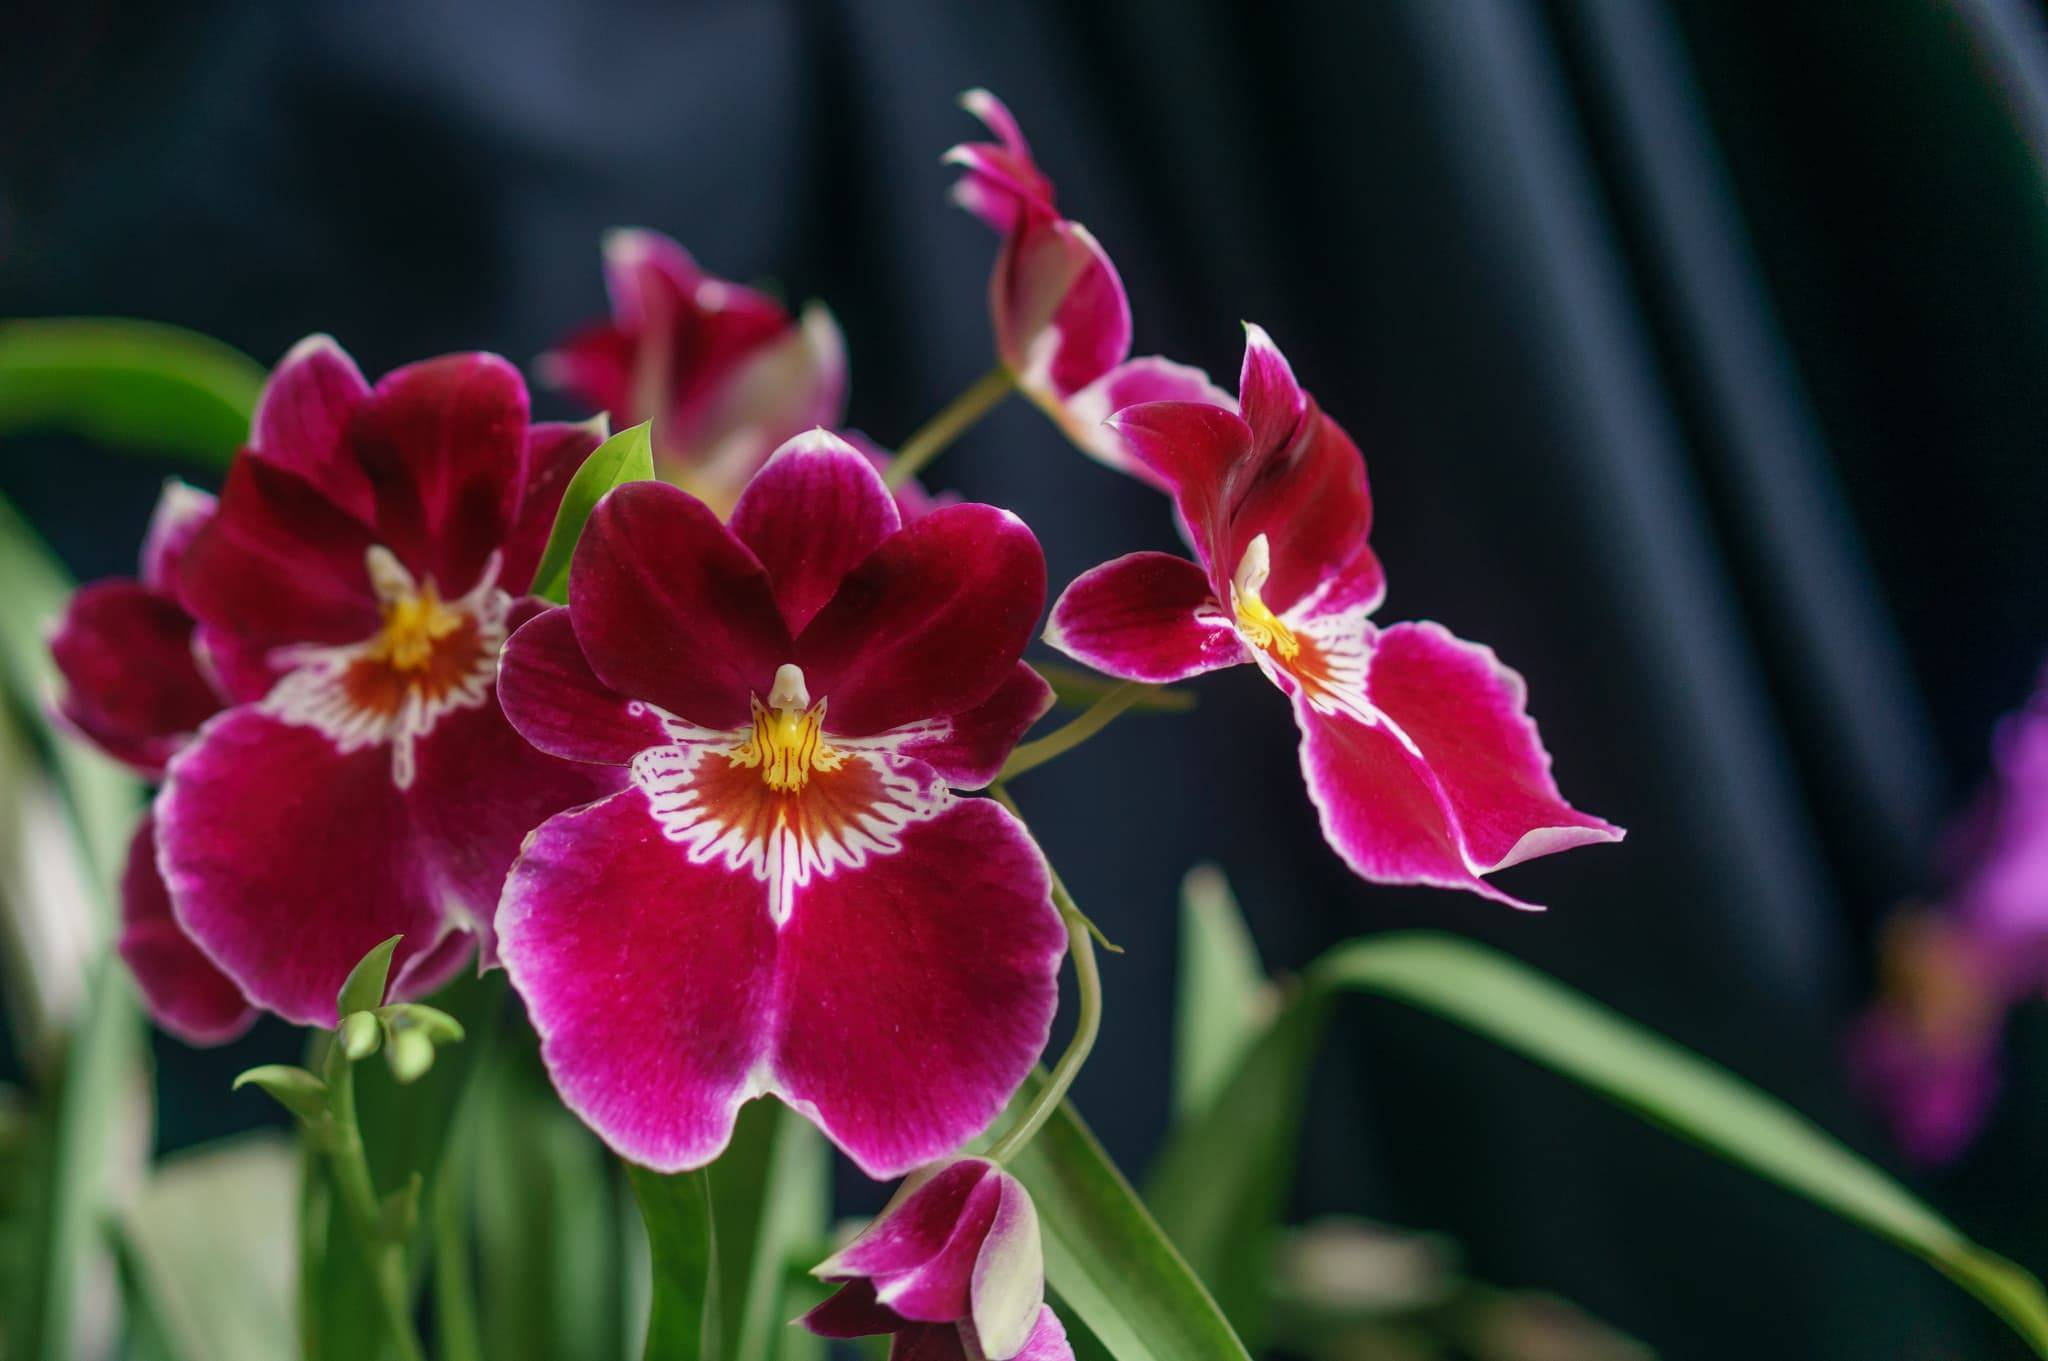 Орхидея мильтония: уход в домашних условиях. выращивание, полив, размножение и болезни. советы для начинающих цветоводов.